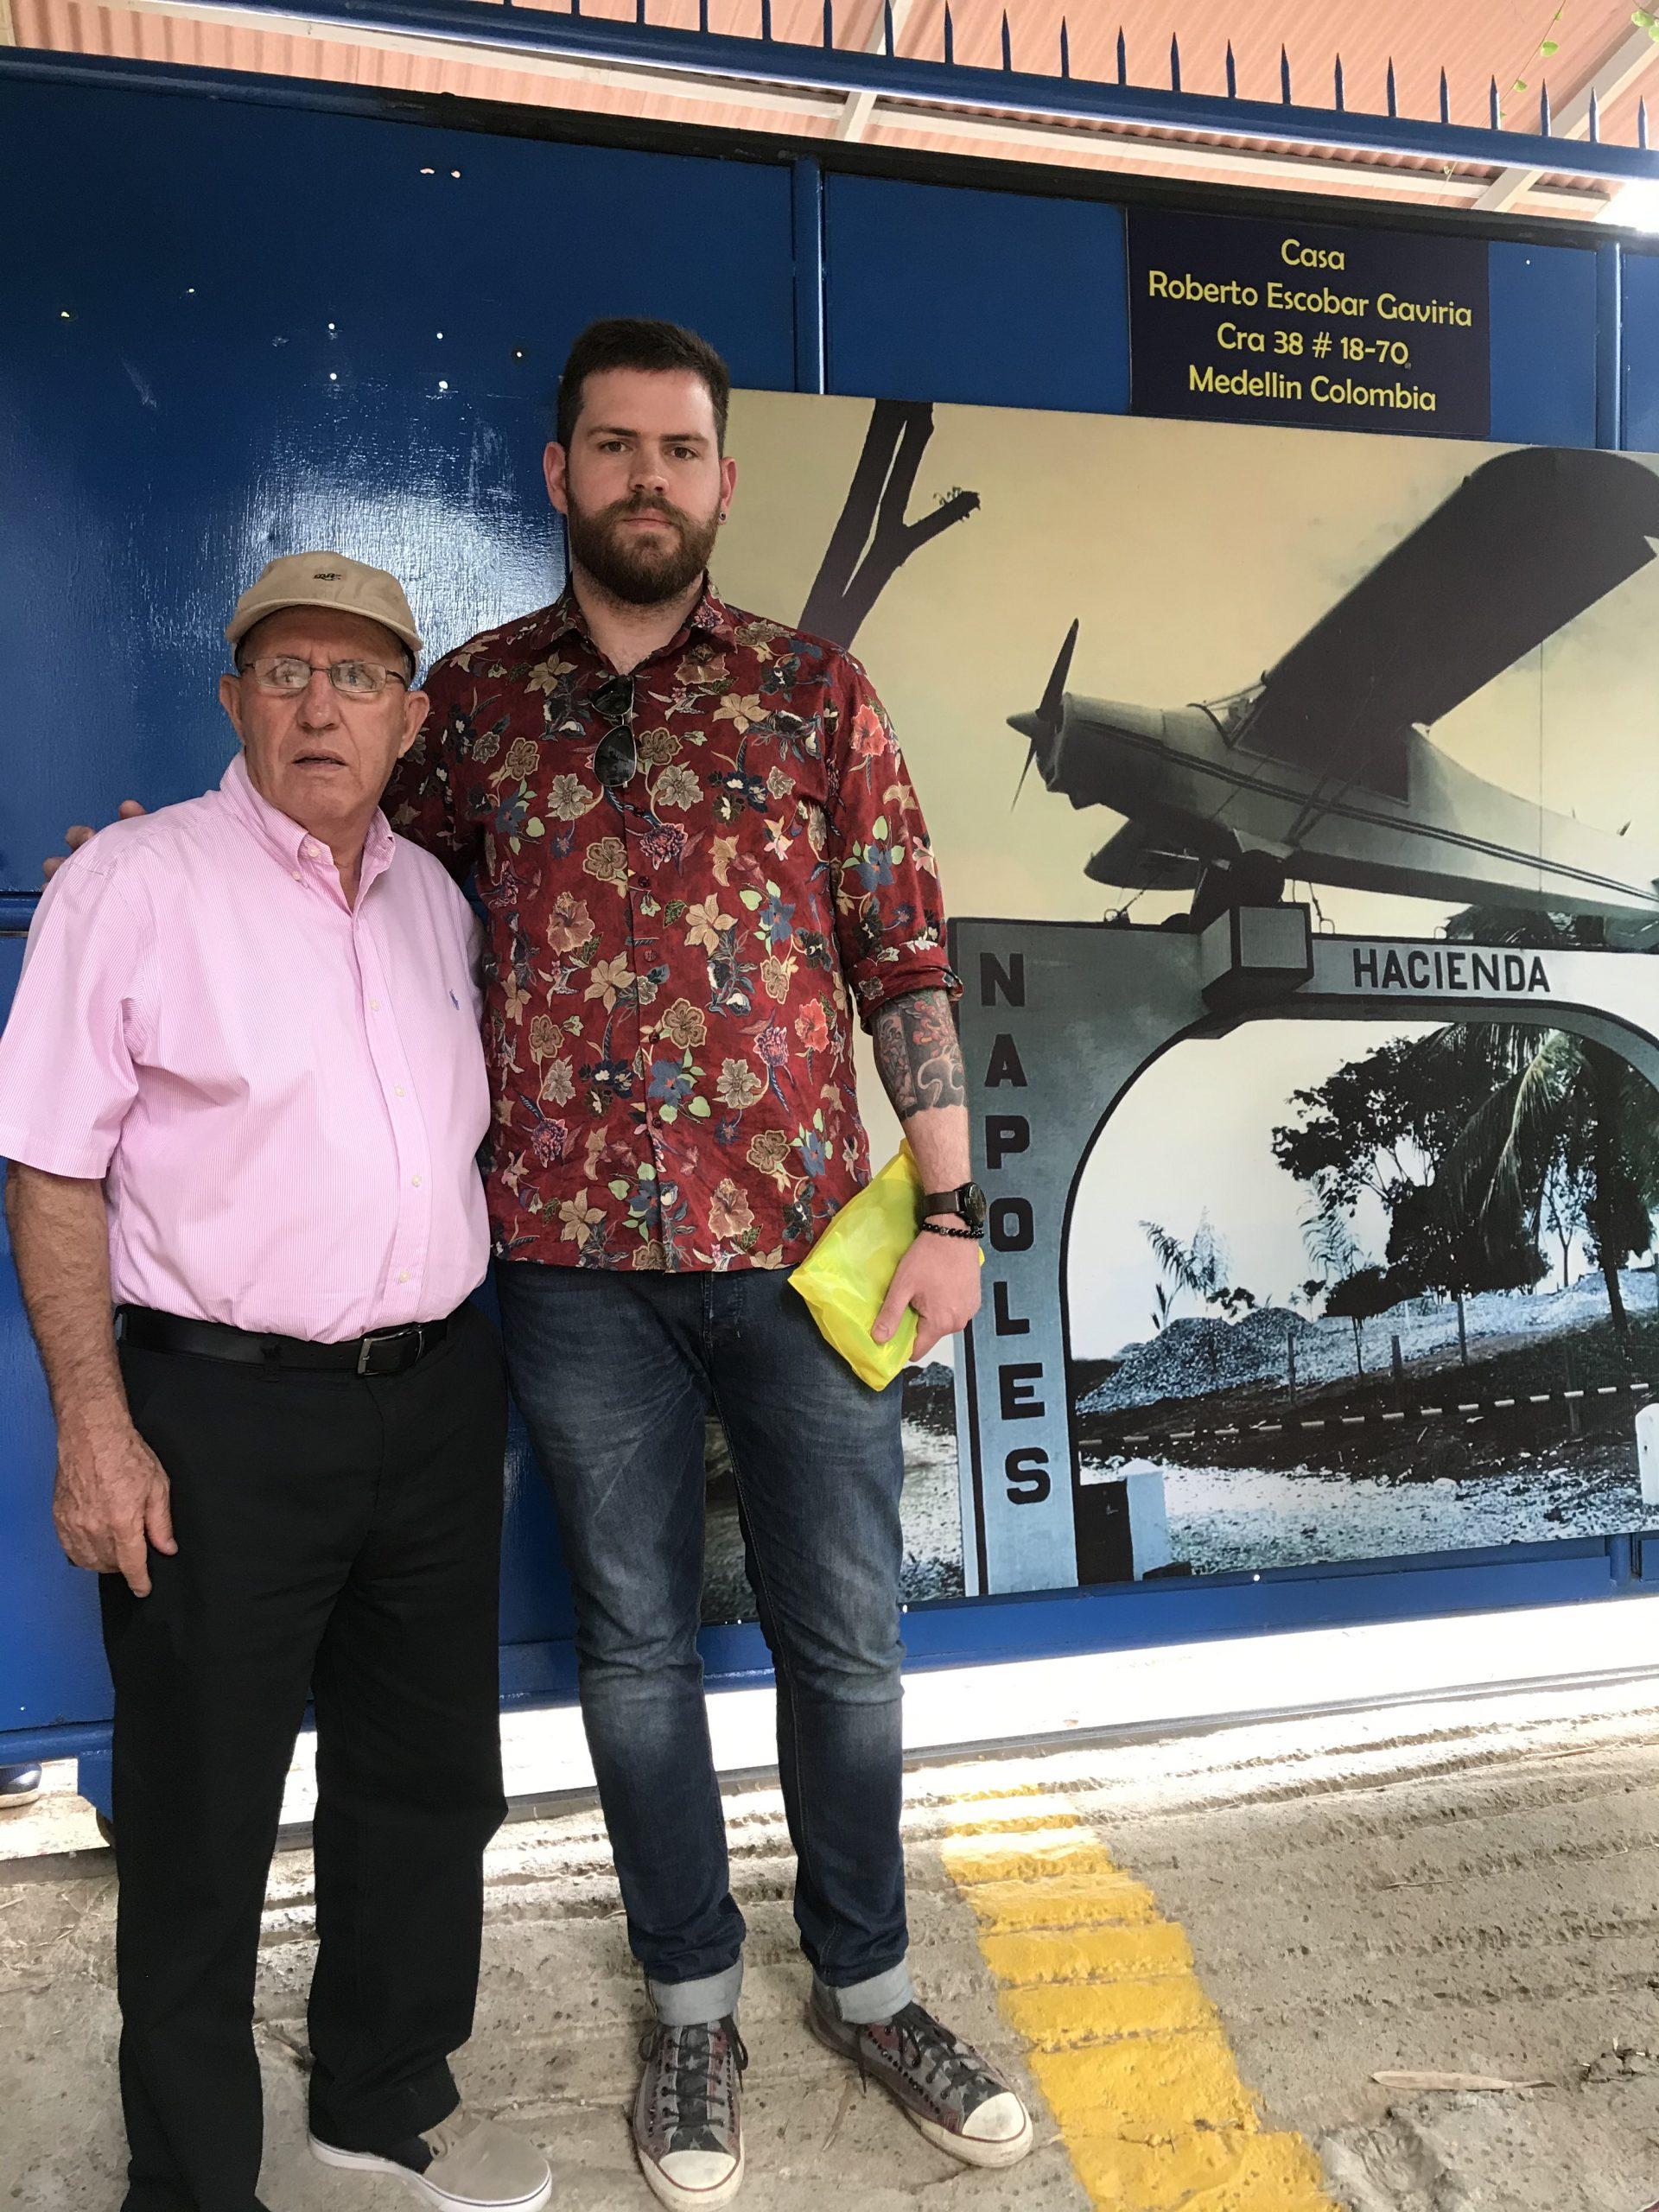 Roberto Escobar & me